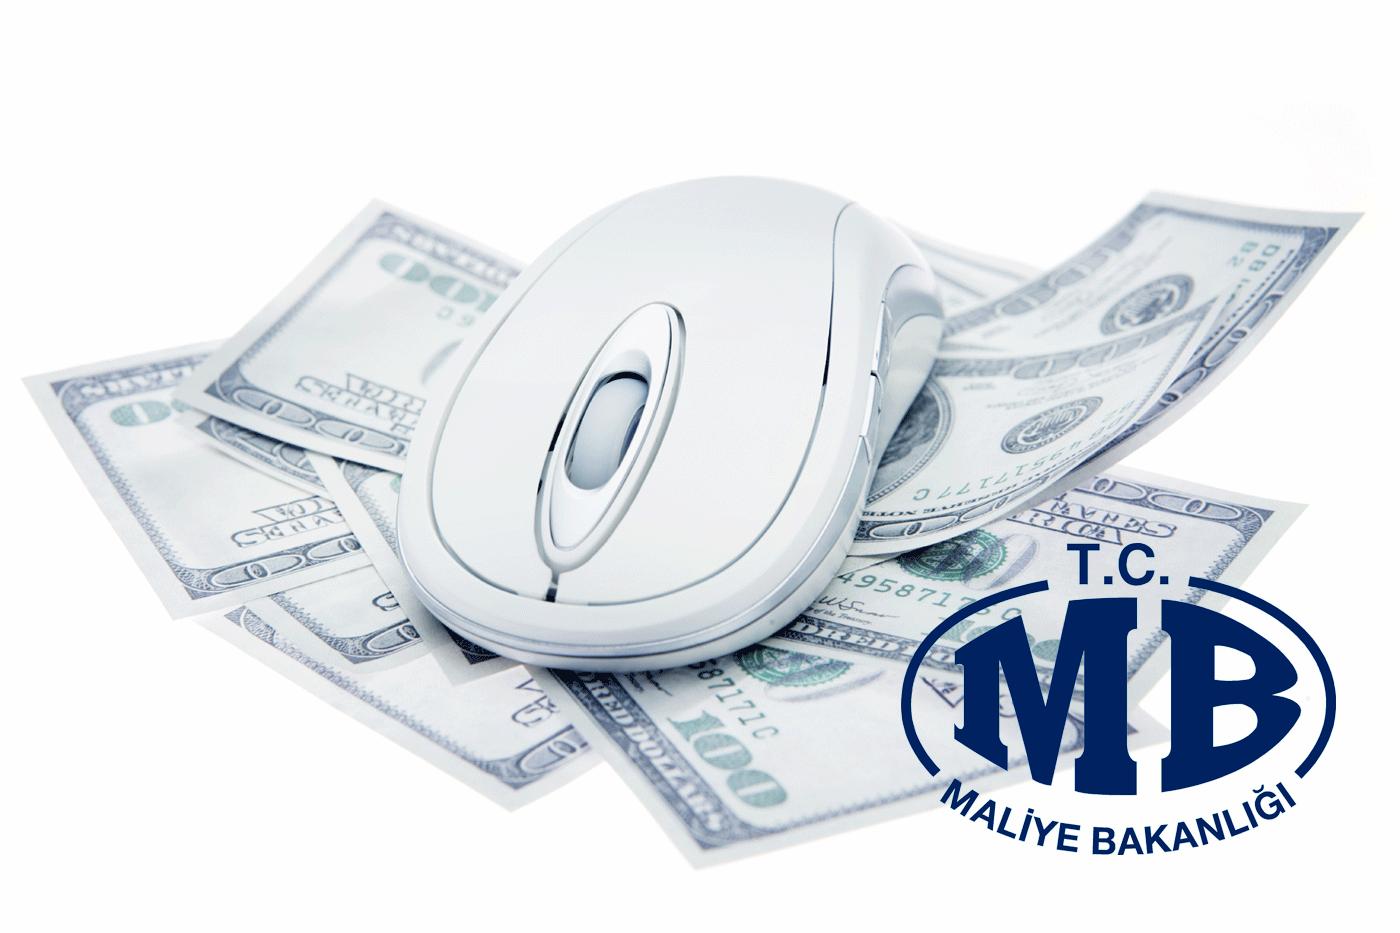 Maliye'nin Gözü 1 Milyar Dolarlık Online Reklam Pazarında